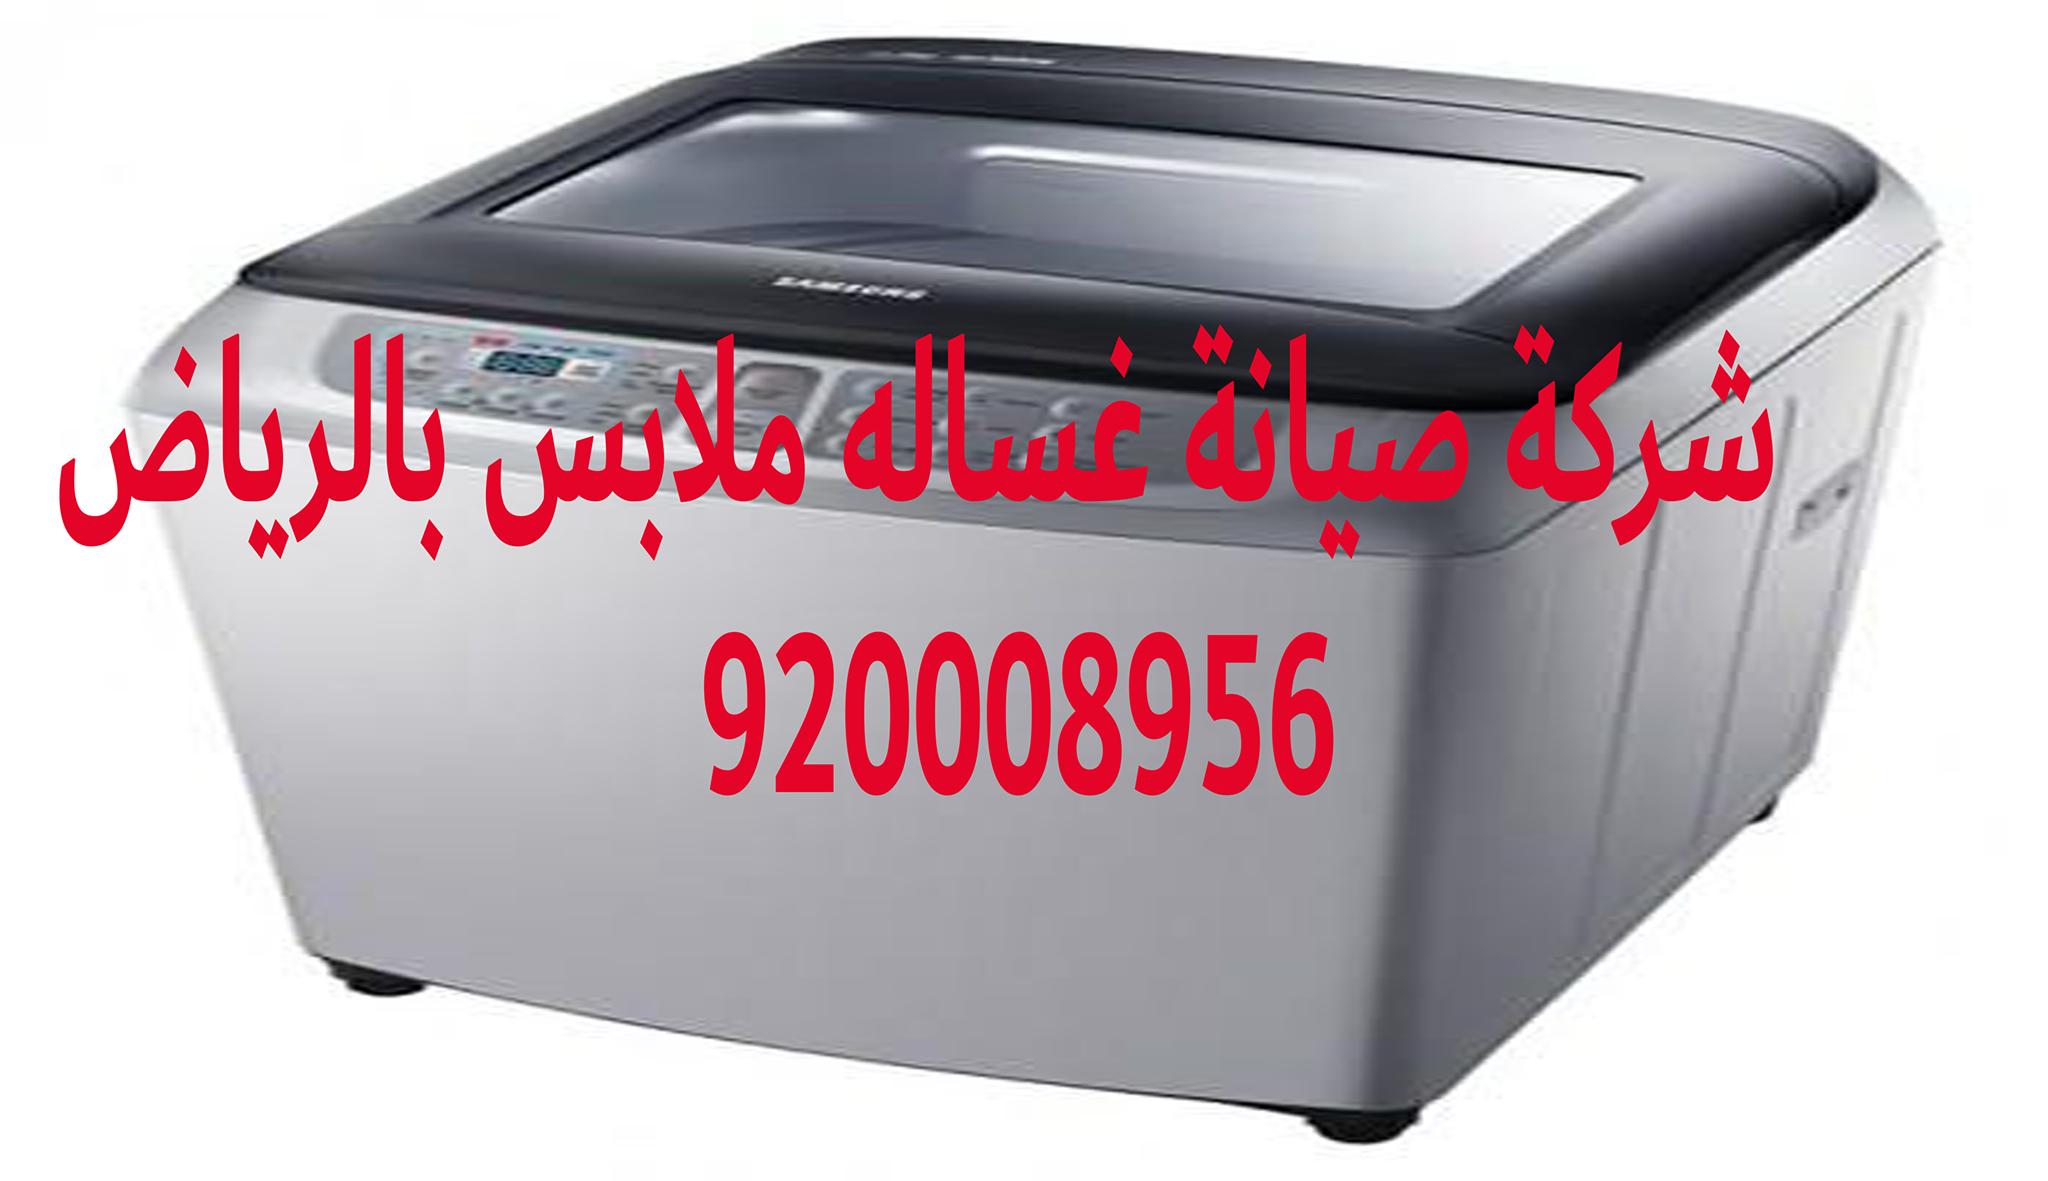 اسباب تمزق الملابس في الغسالة الاتوماتيك Washing Machine Laundry Machine Machine